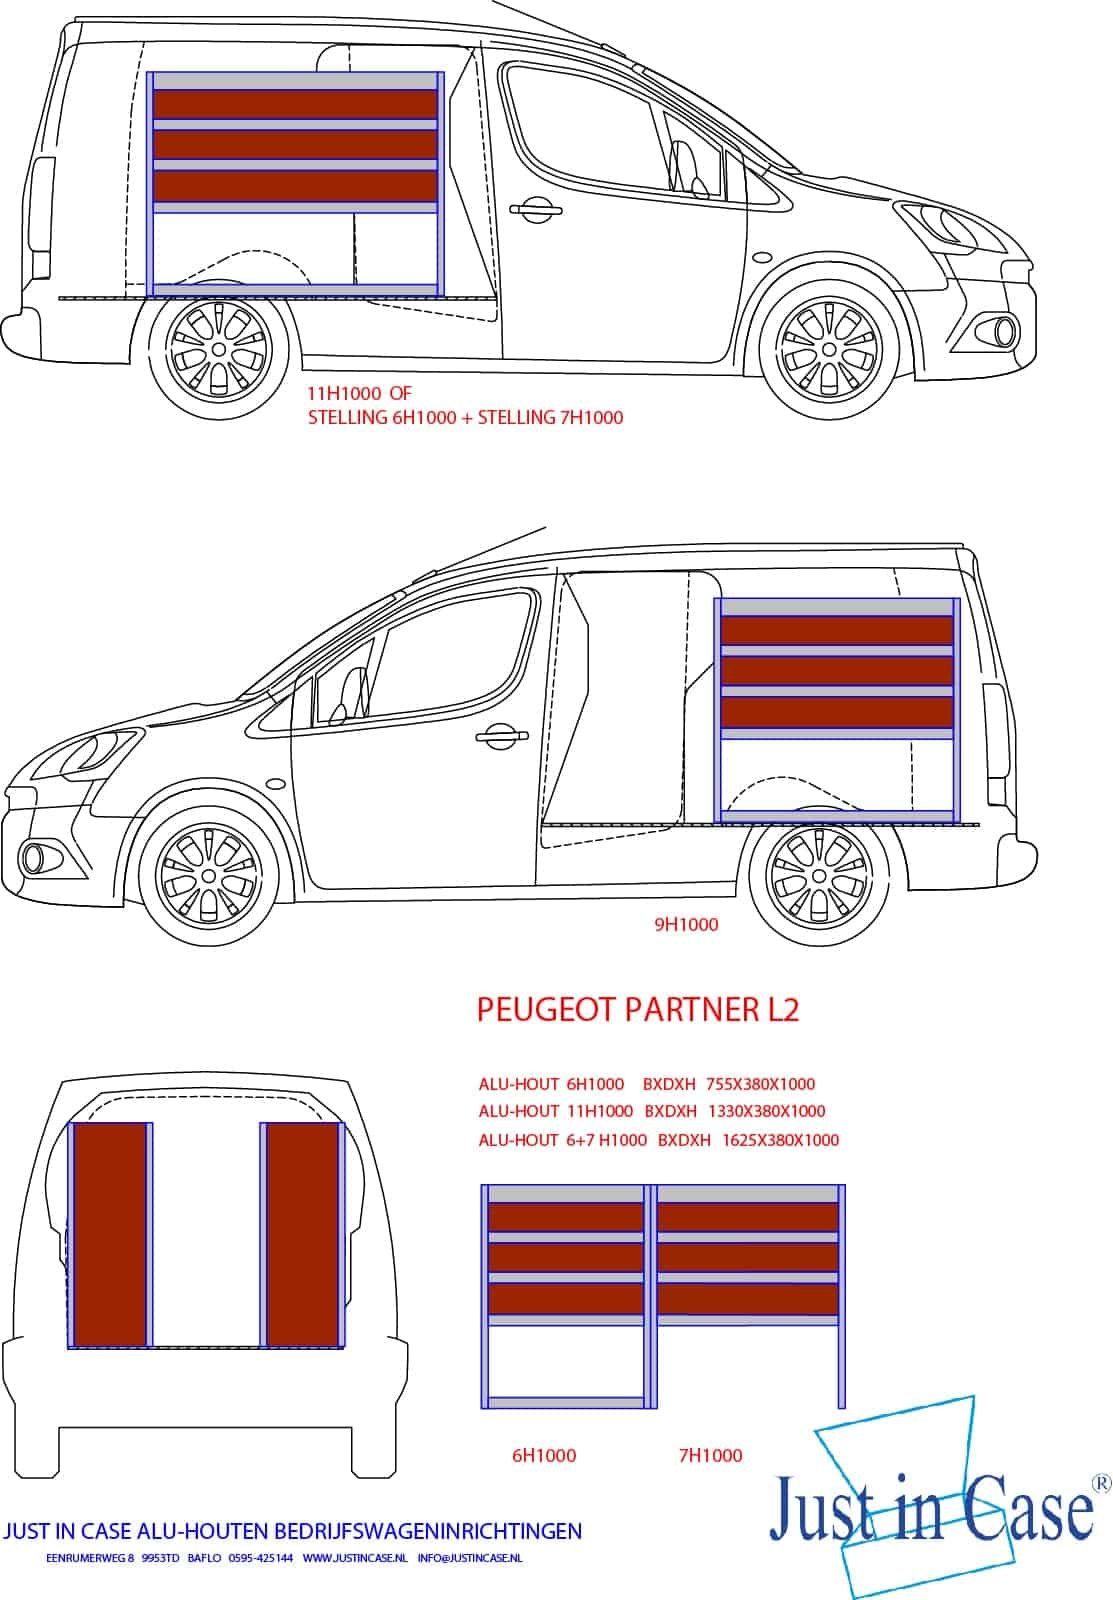 Peugeot Partner (L2) Bedrijfsbus inrichting schets